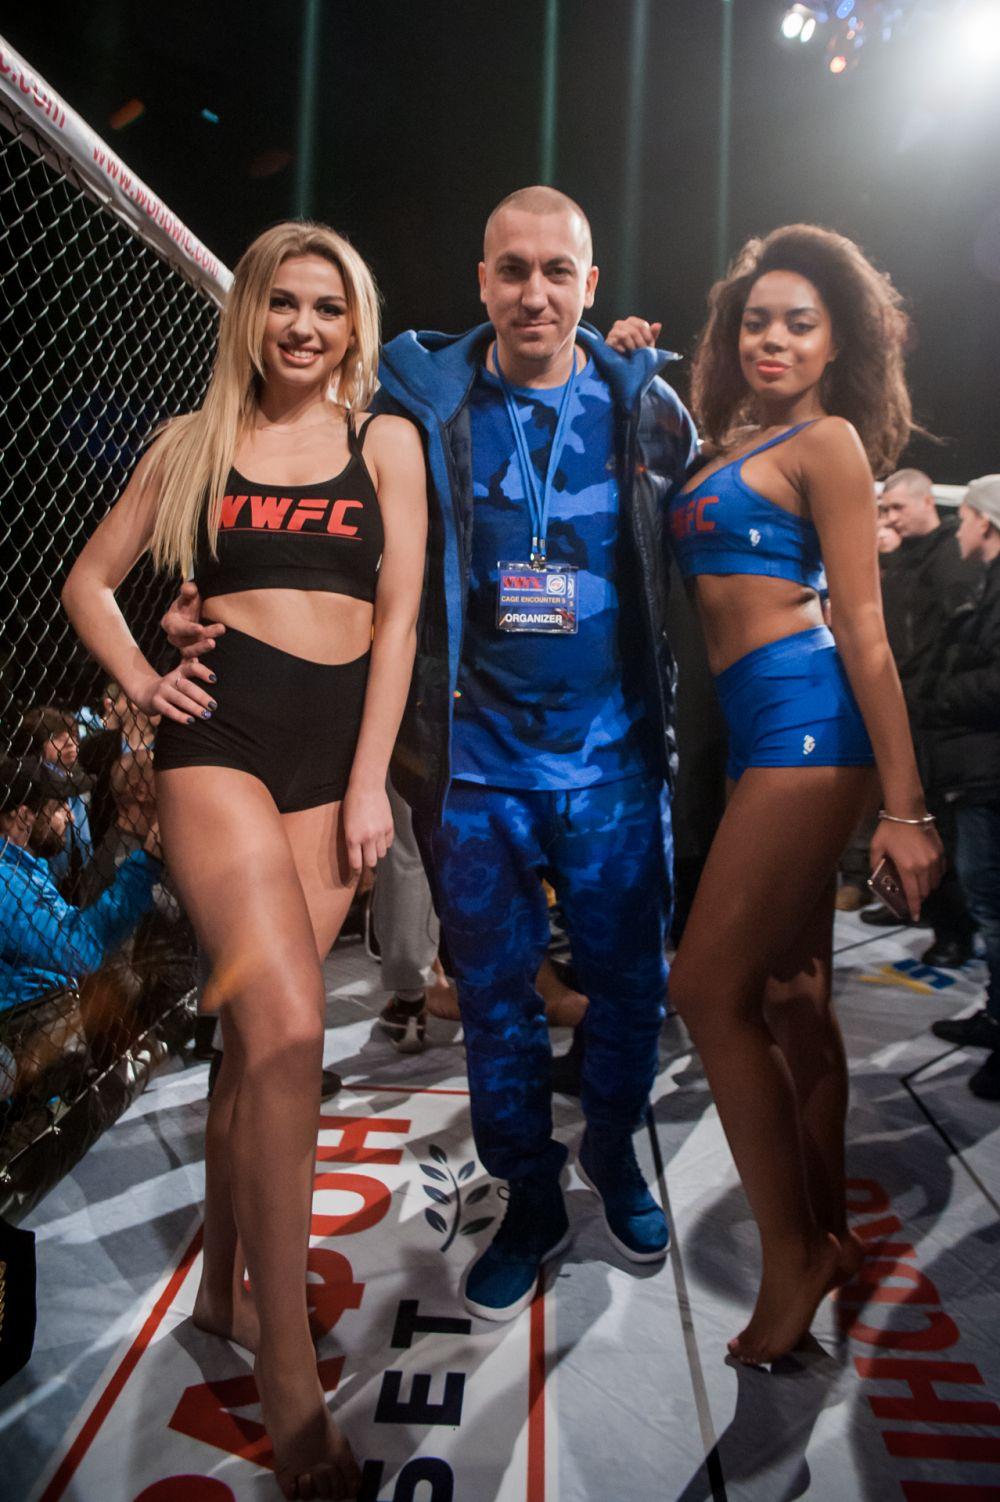 Медиа директор турнира CAGE ENCOUNTER 5 и известный украинский рэп исполнитель XL DELUXE в компании красоток